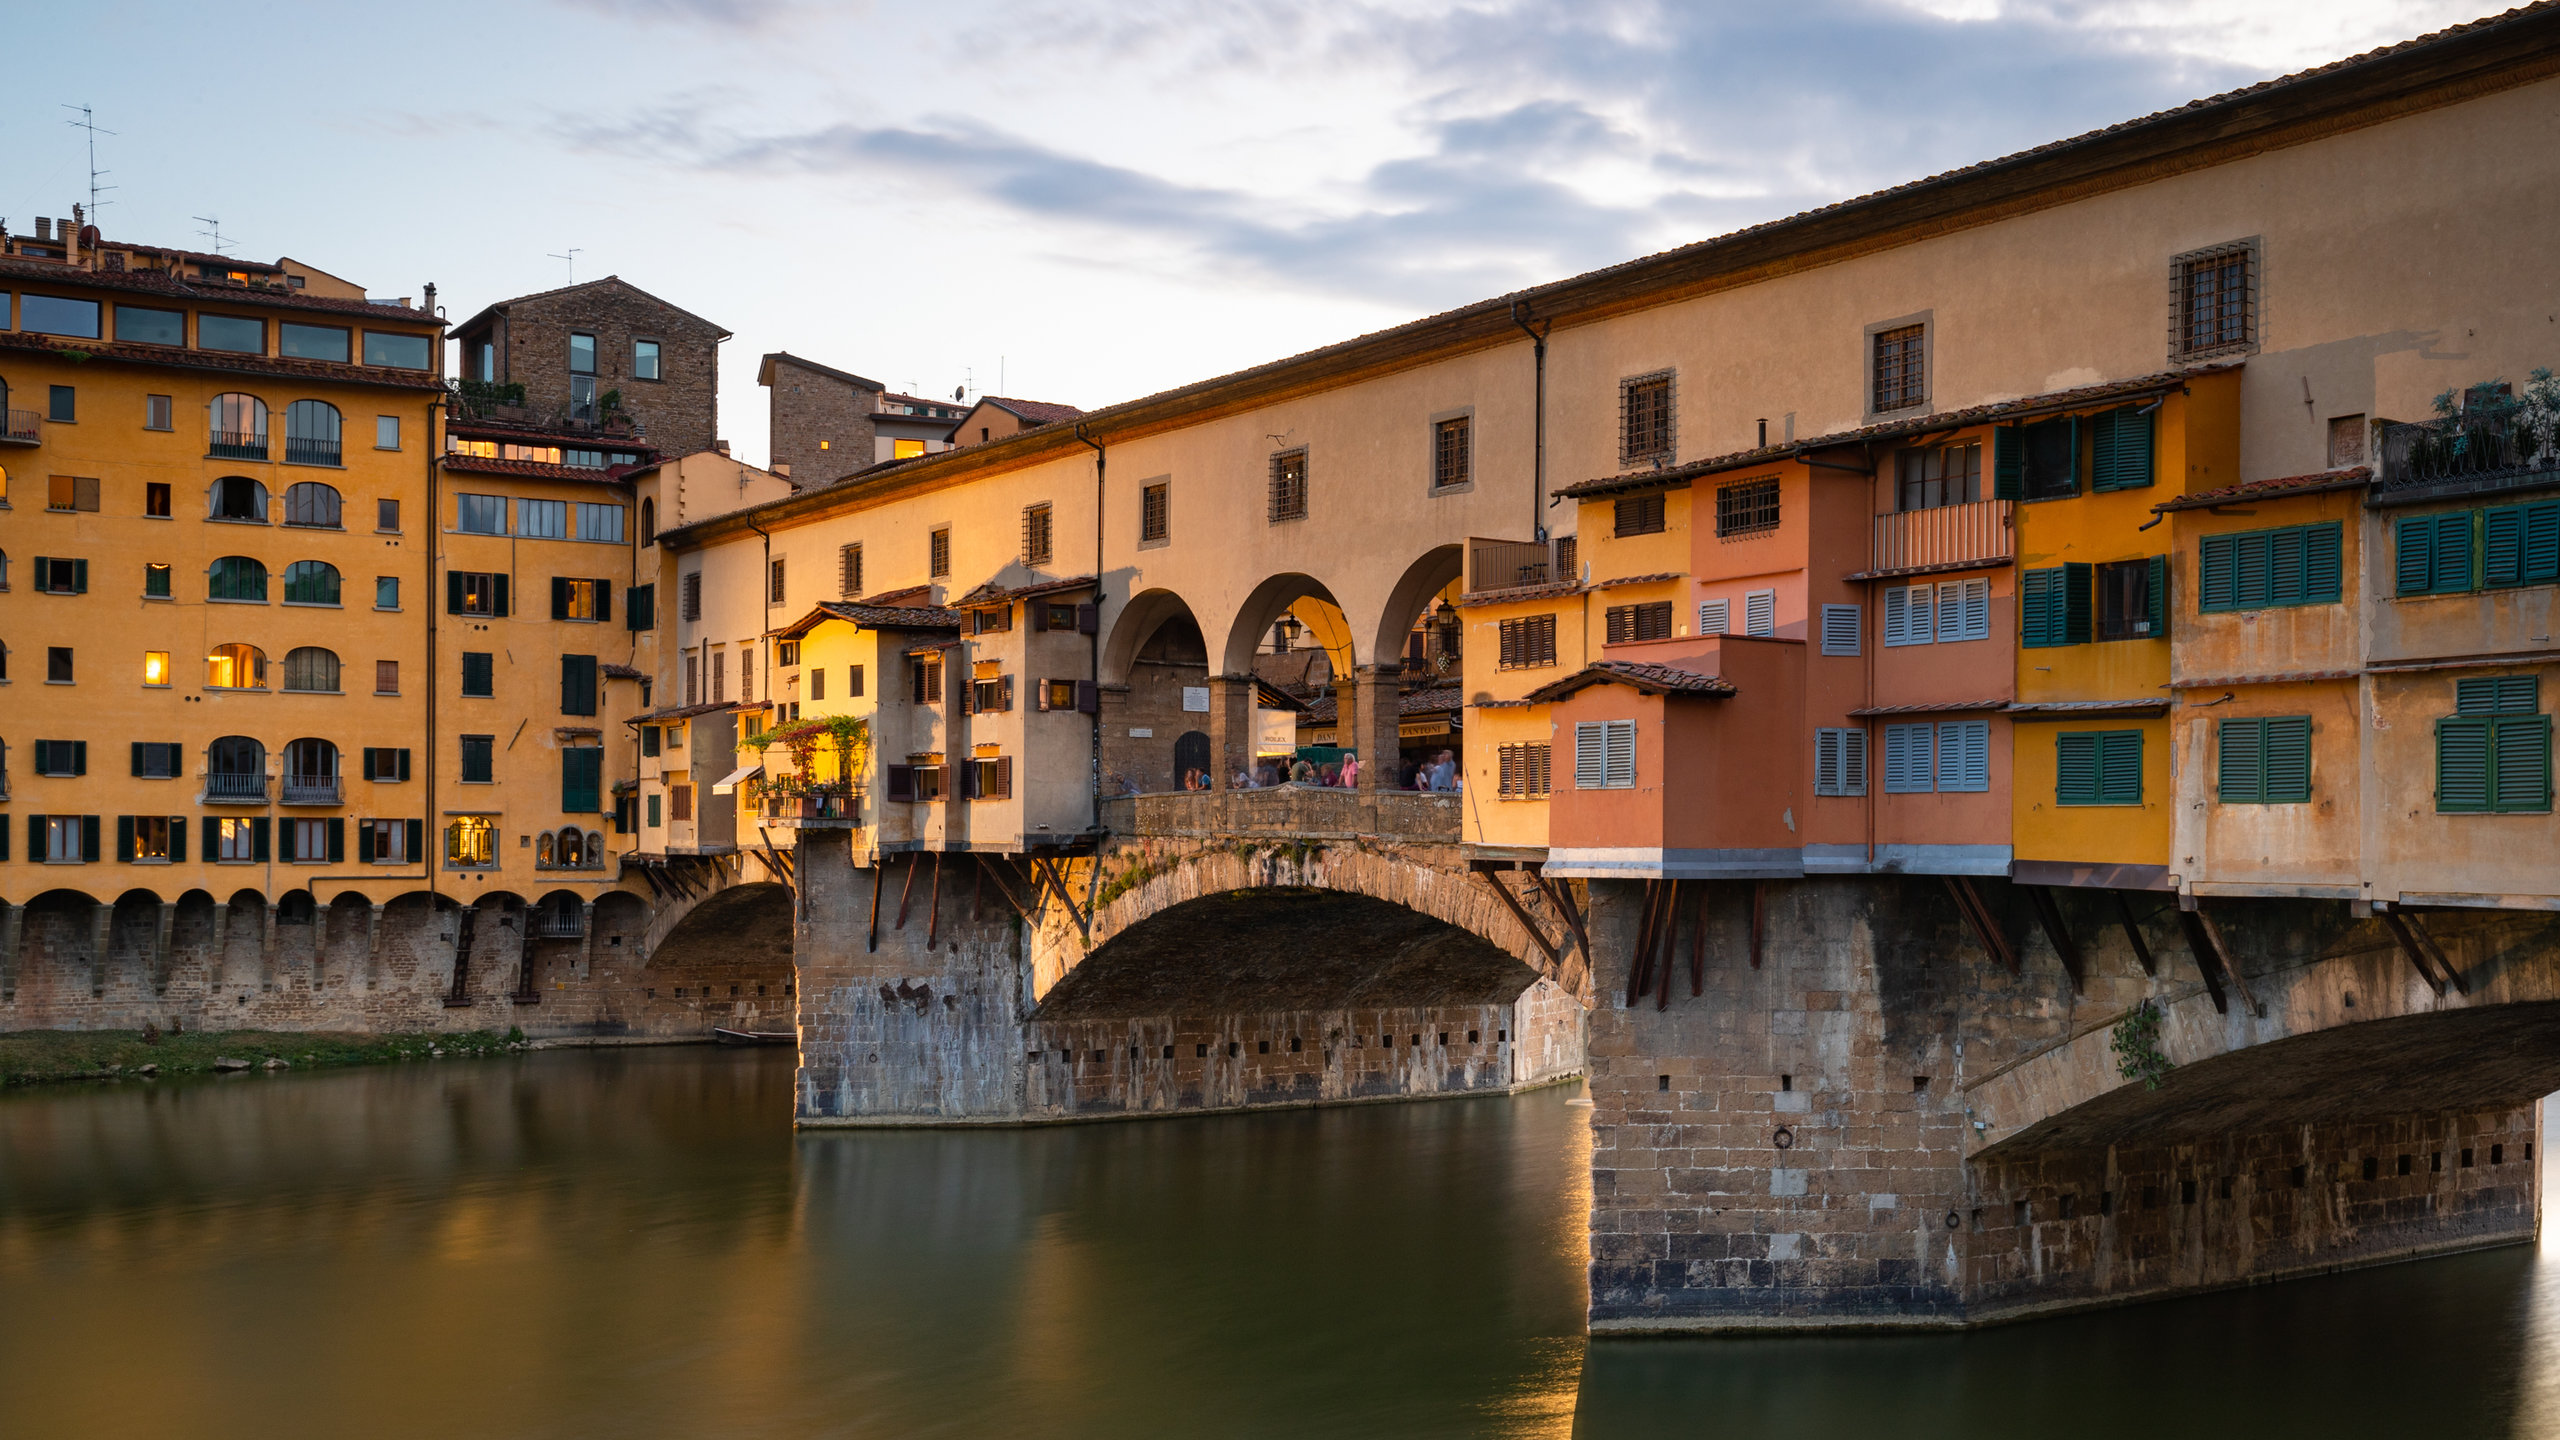 Ta en tur over Firenzes ikoniske bro, som ble spart av nazistene for sin skjønnhet, og som har vært et hjem for gullsmeder i mer enn fire århundrer.